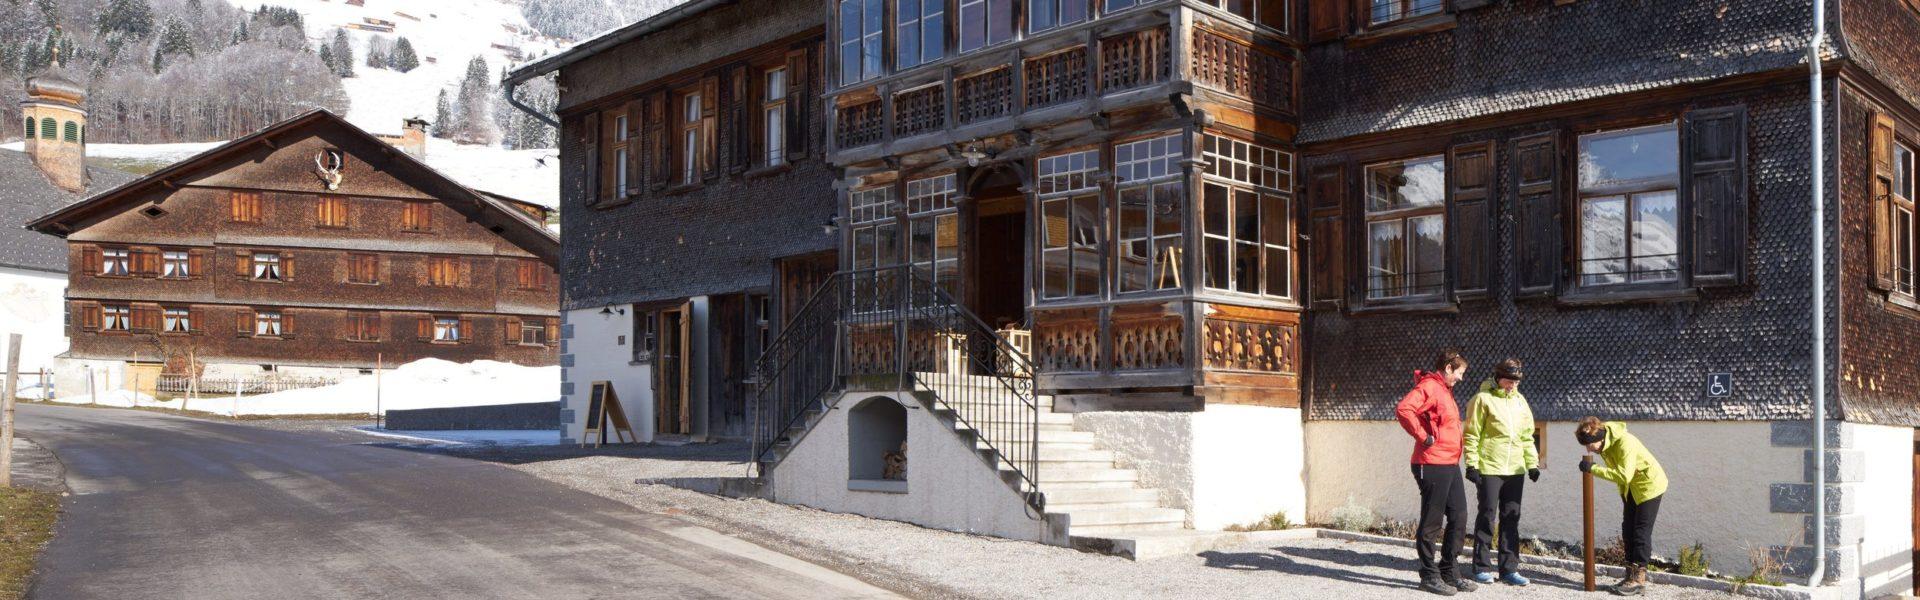 Umgang Bregenzerwald - Gasthaus und Brennerei Löwen, Au (c) Adolf Bereuter / Bregenzerwald Tourismus